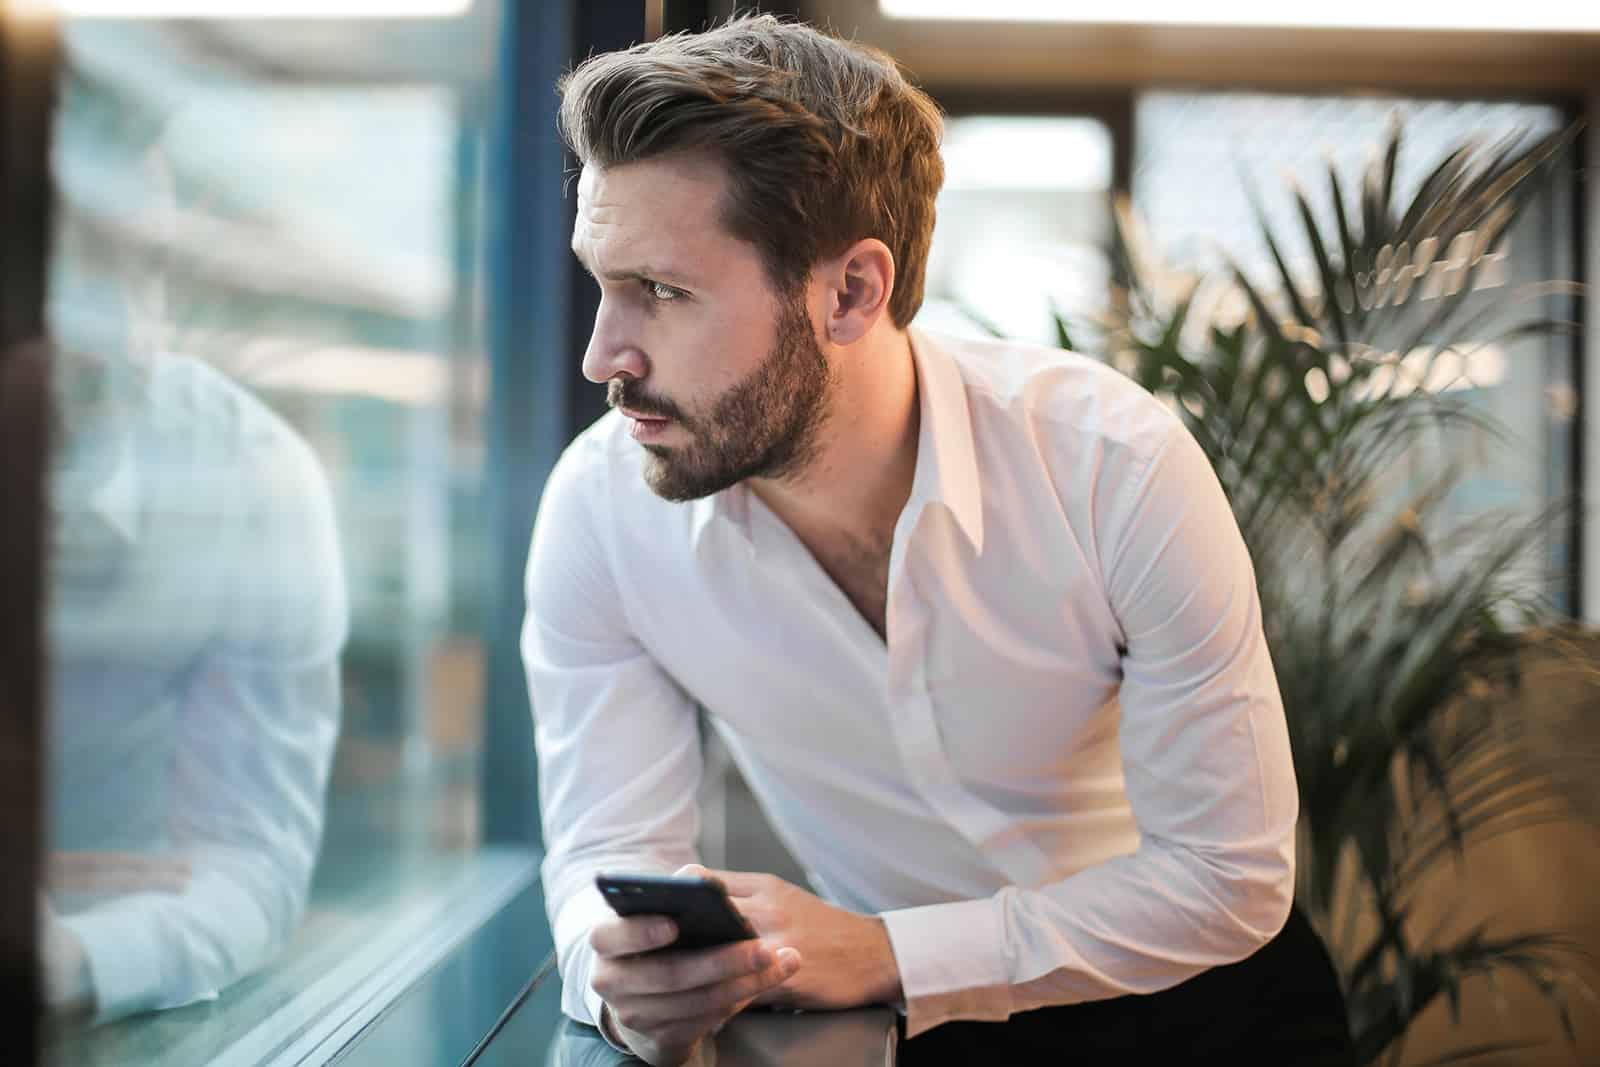 nachdenklicher Mann, der ein Smartphone hält und durch das Fenster schaut